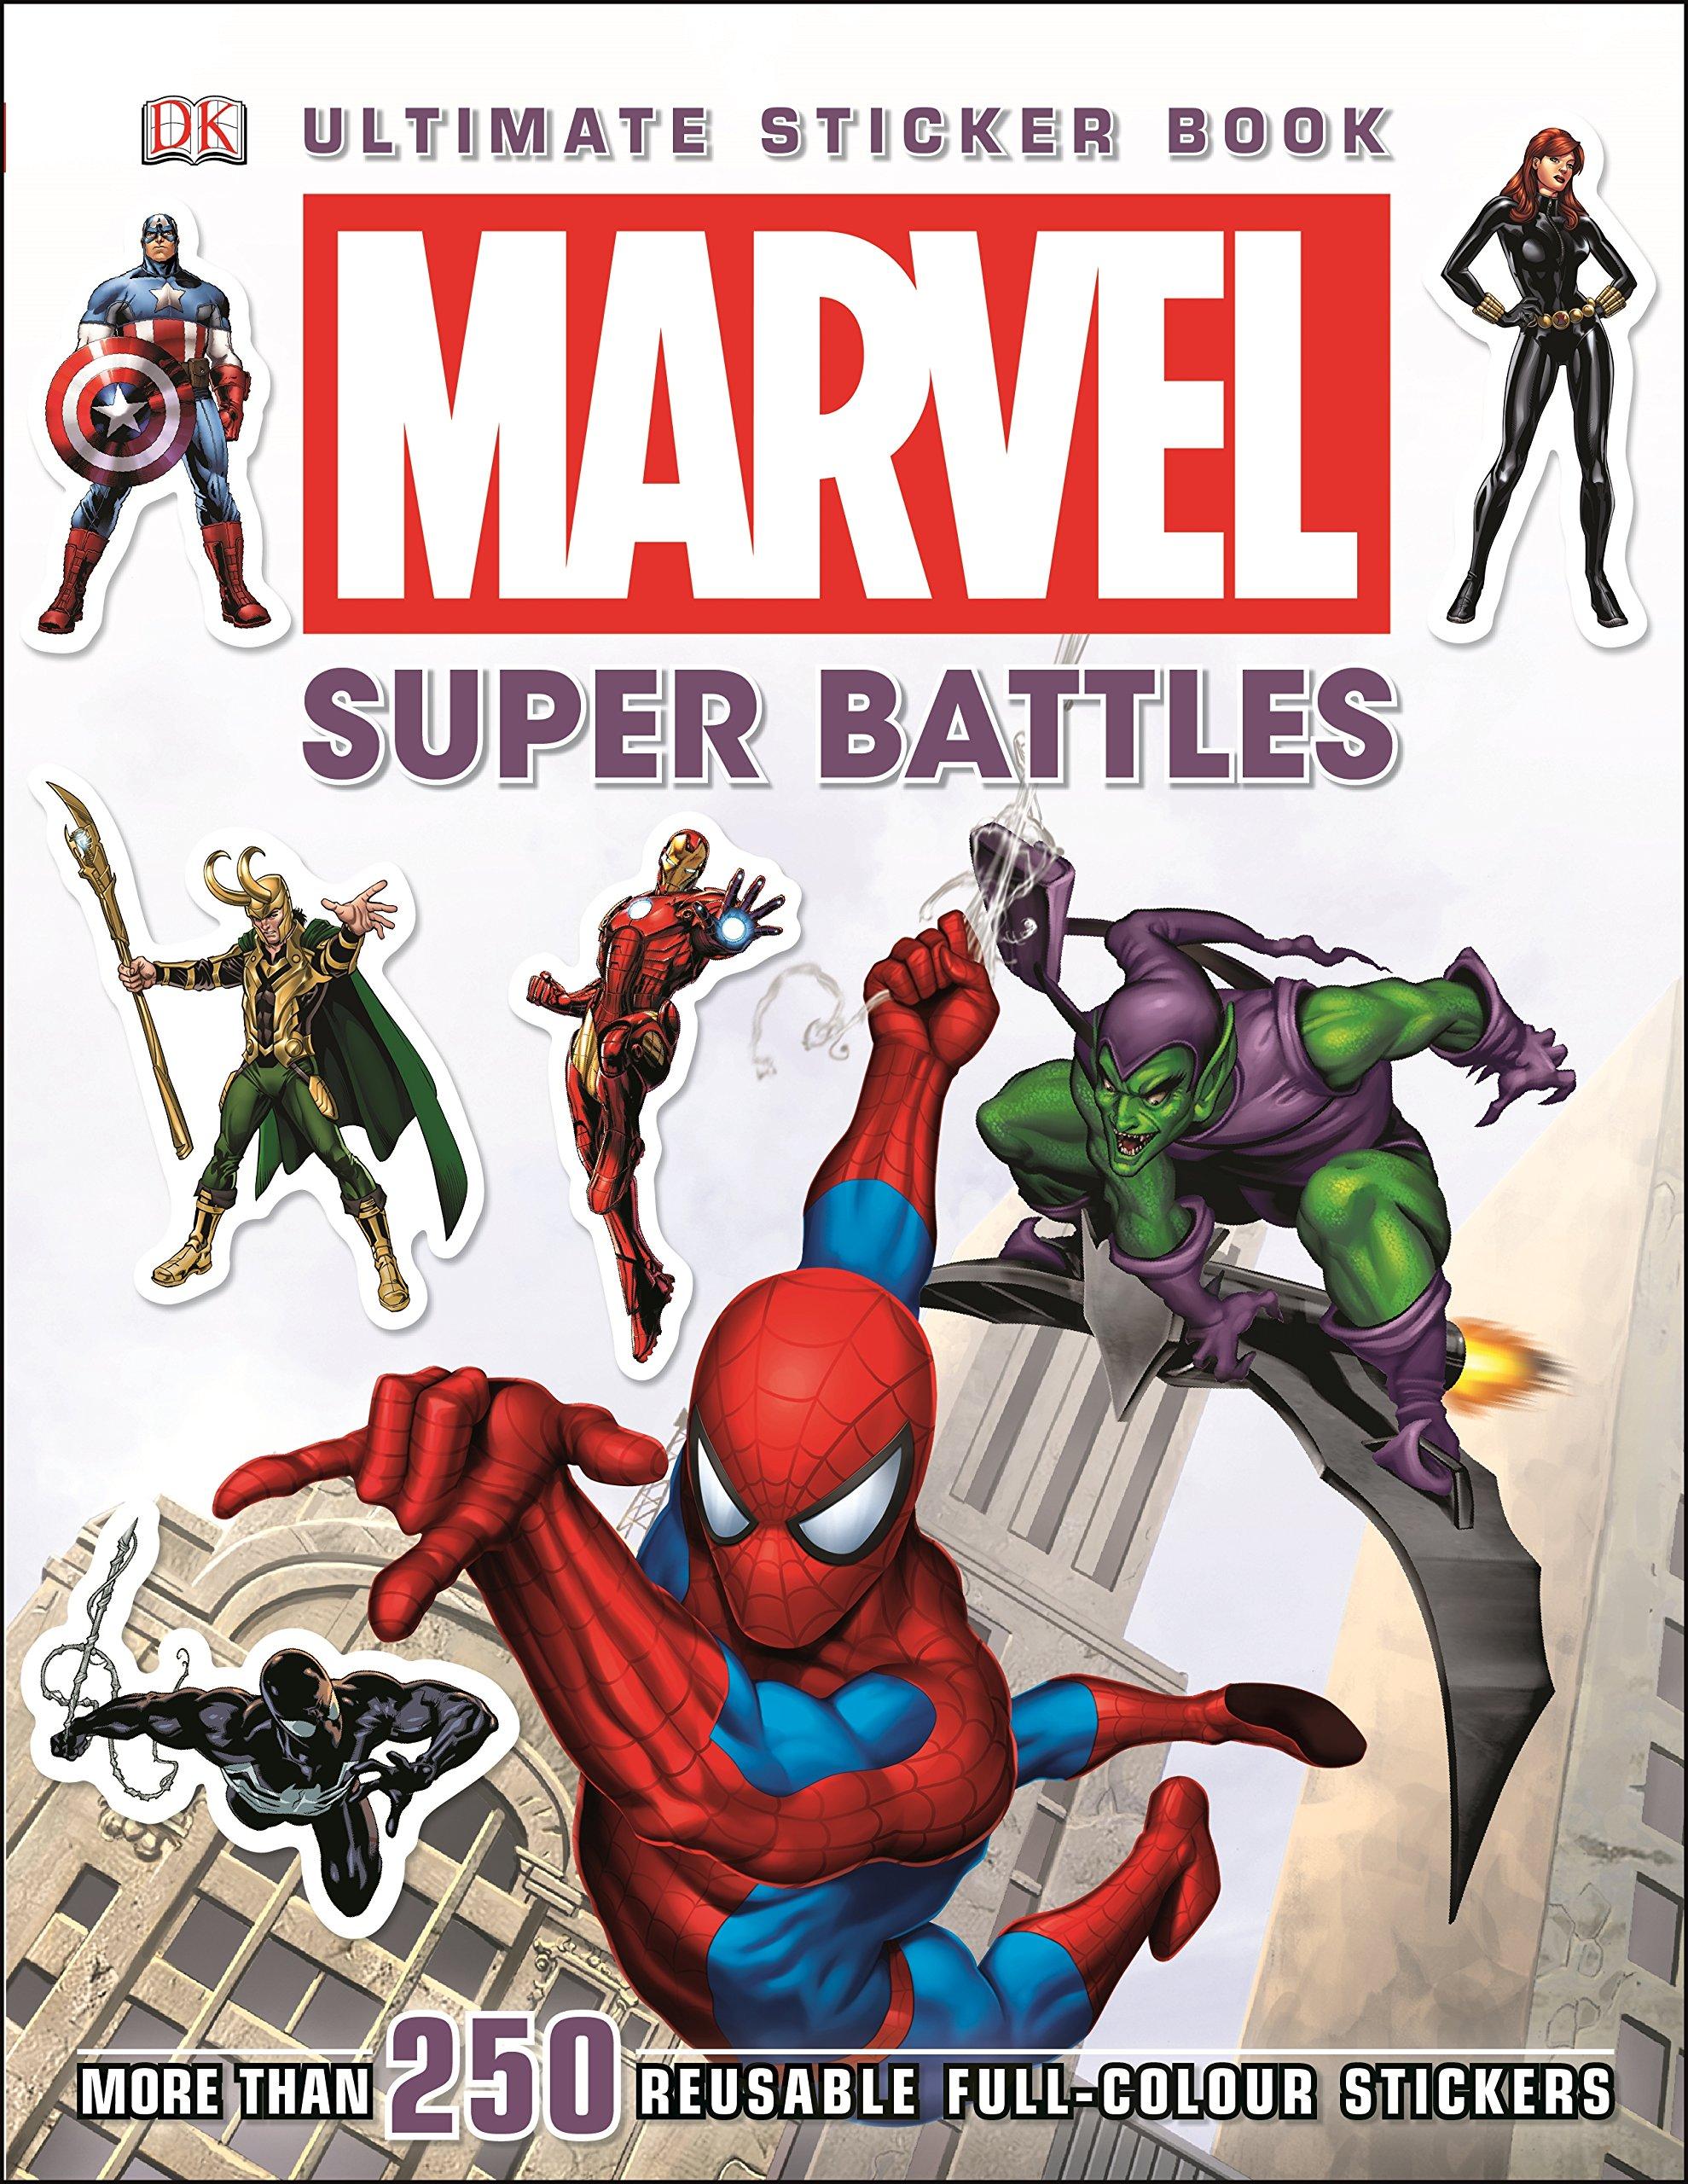 Marvel Ultimate Sticker Book: Super Battles - 9781409349051,62_201745,165000,tiki.vn,Marvel-Ultimate-Sticker-Book-Super-Battles-62_201745,Marvel Ultimate Sticker Book: Super Battles